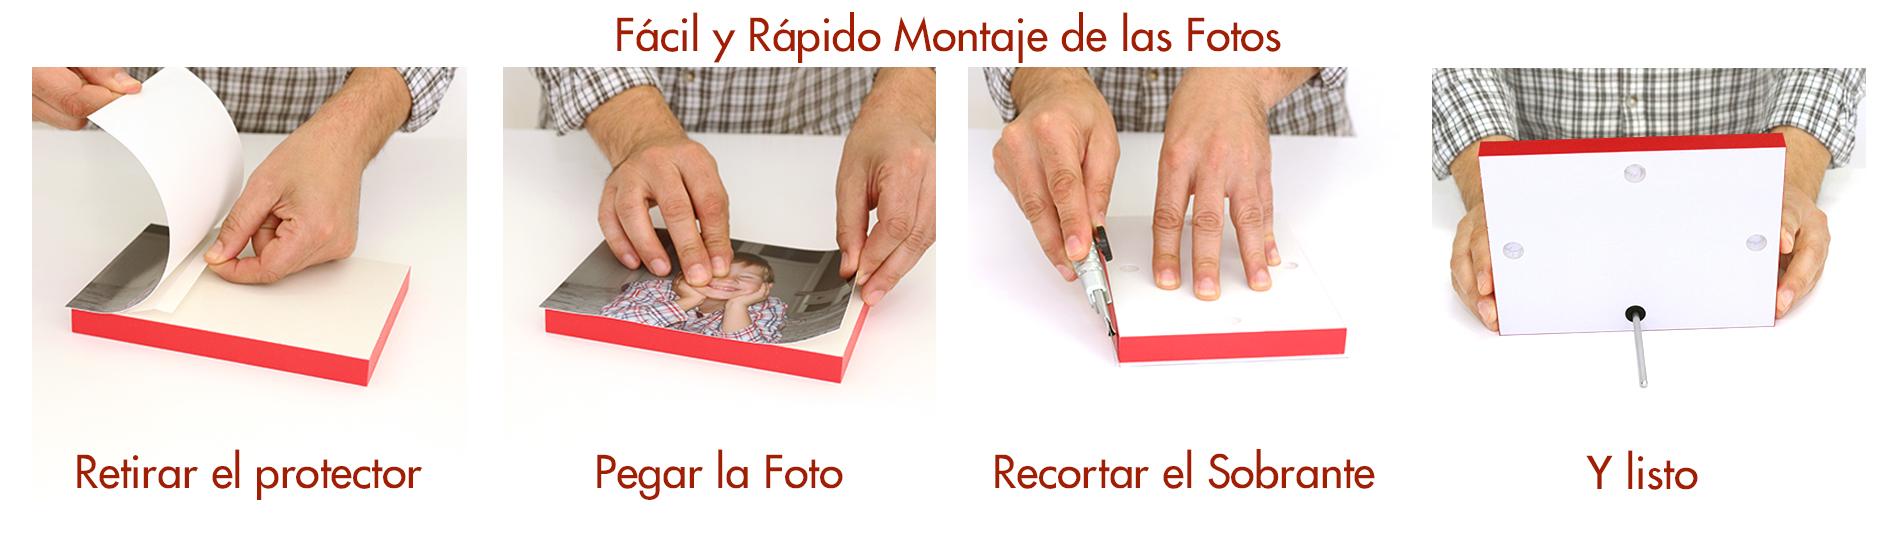 Cómo montar fotos en paneles ligeros RigidPan, fabricados por Tot Marc